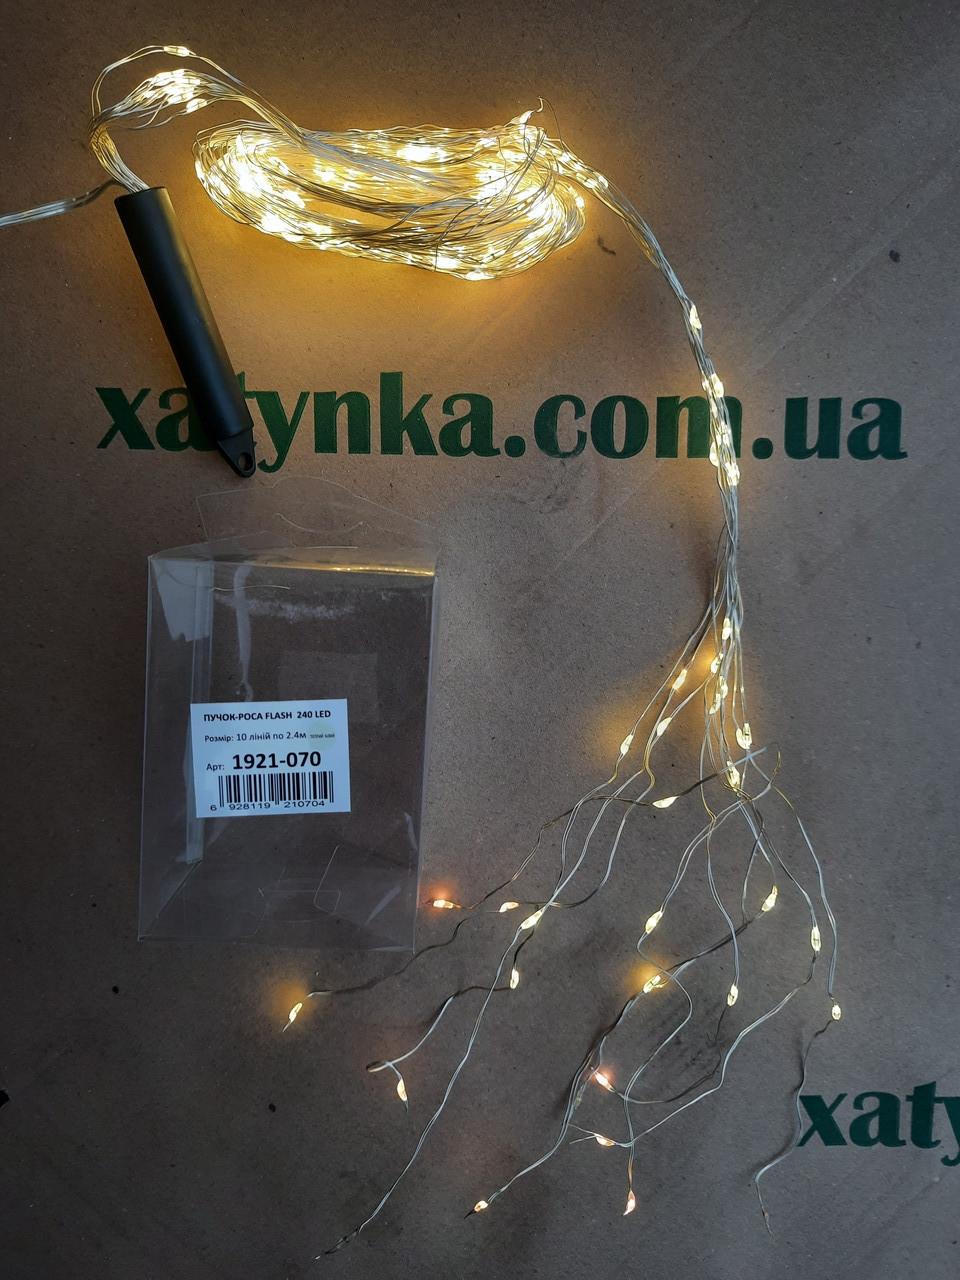 Новогодняя светодиодная гирлянда ПУЧОК-РОСА 240LED, 10 линий по 2.4м. теплый белый